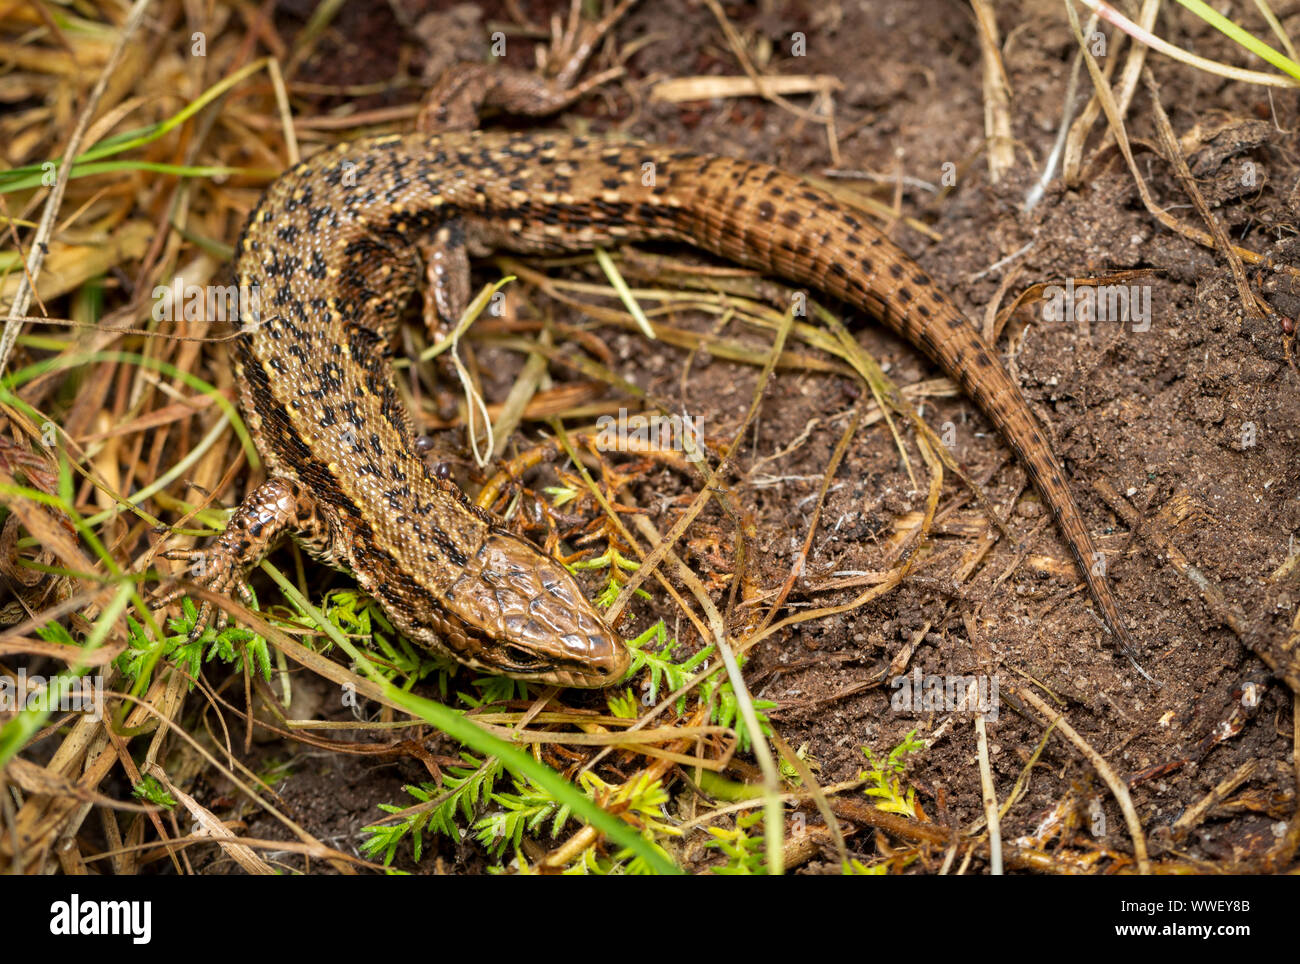 Gemeinsame Lizard (Zootoca Vivipara), Devon, Großbritannien Stockfoto